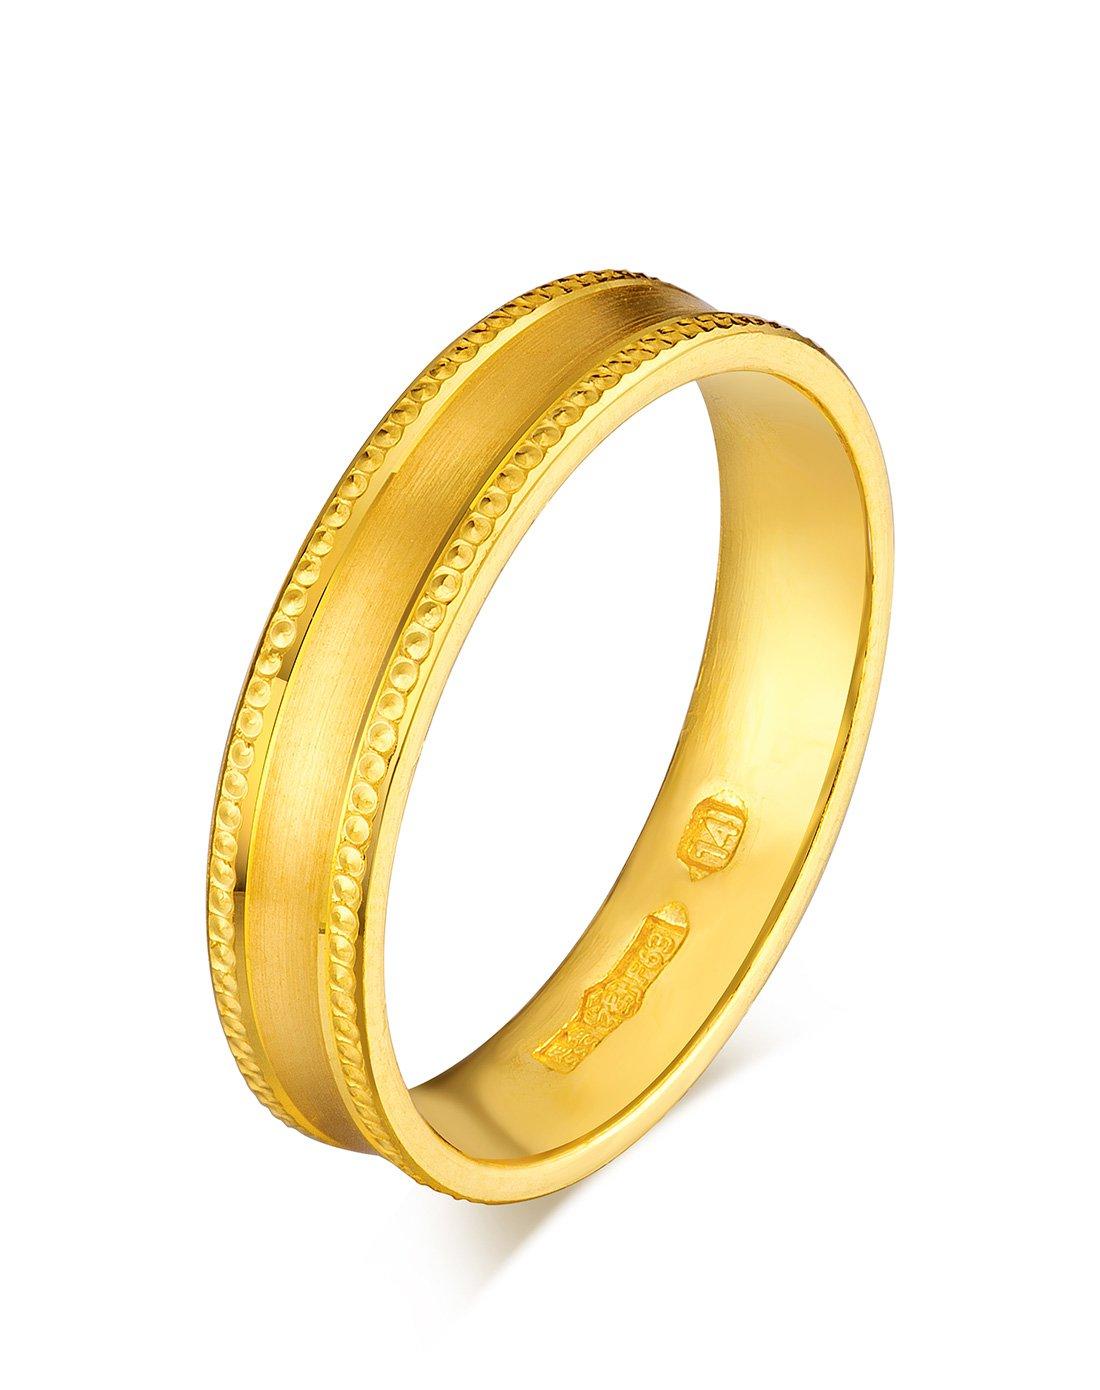 六福珠宝六福珠宝 足金简约黄金戒指情侣对戒闭口女戒 计价F63TBGR0001